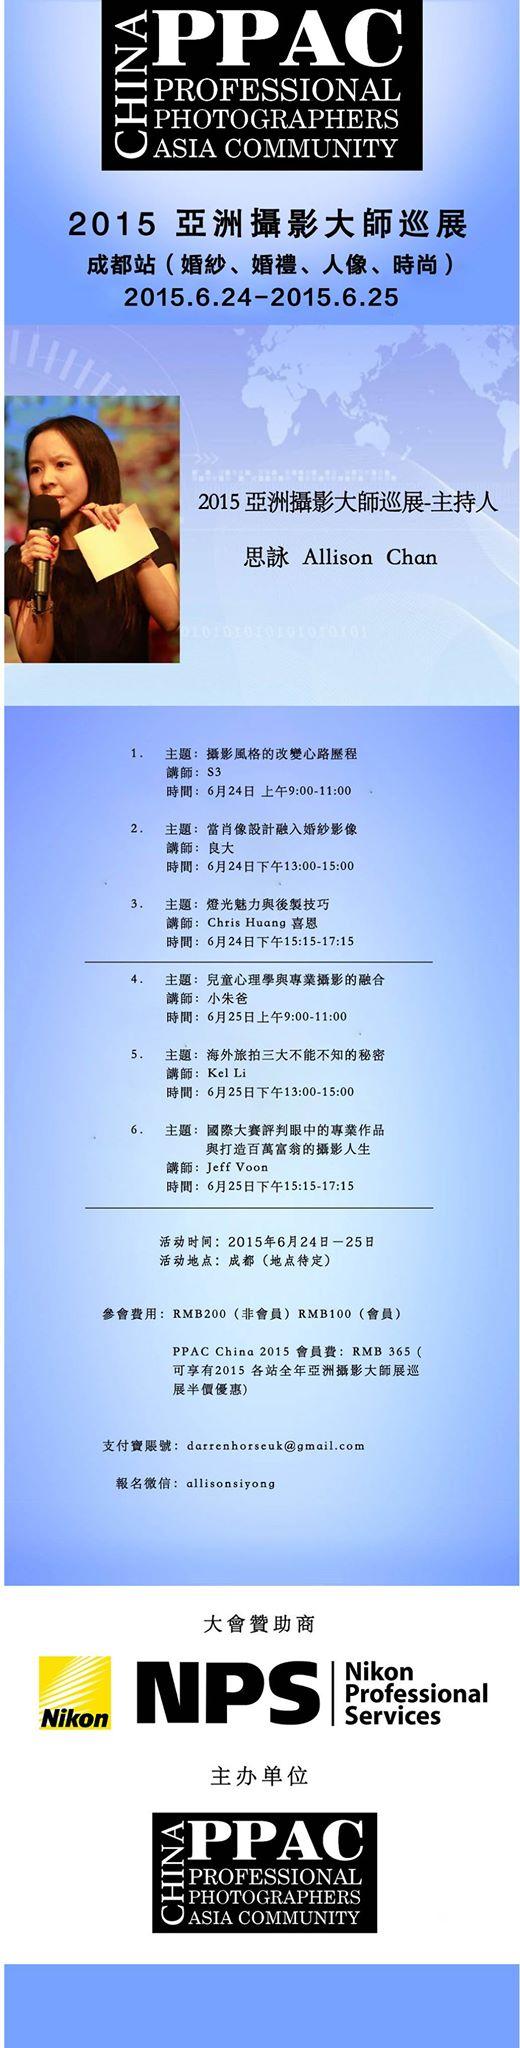 6月24-25日在成都的大師分享會